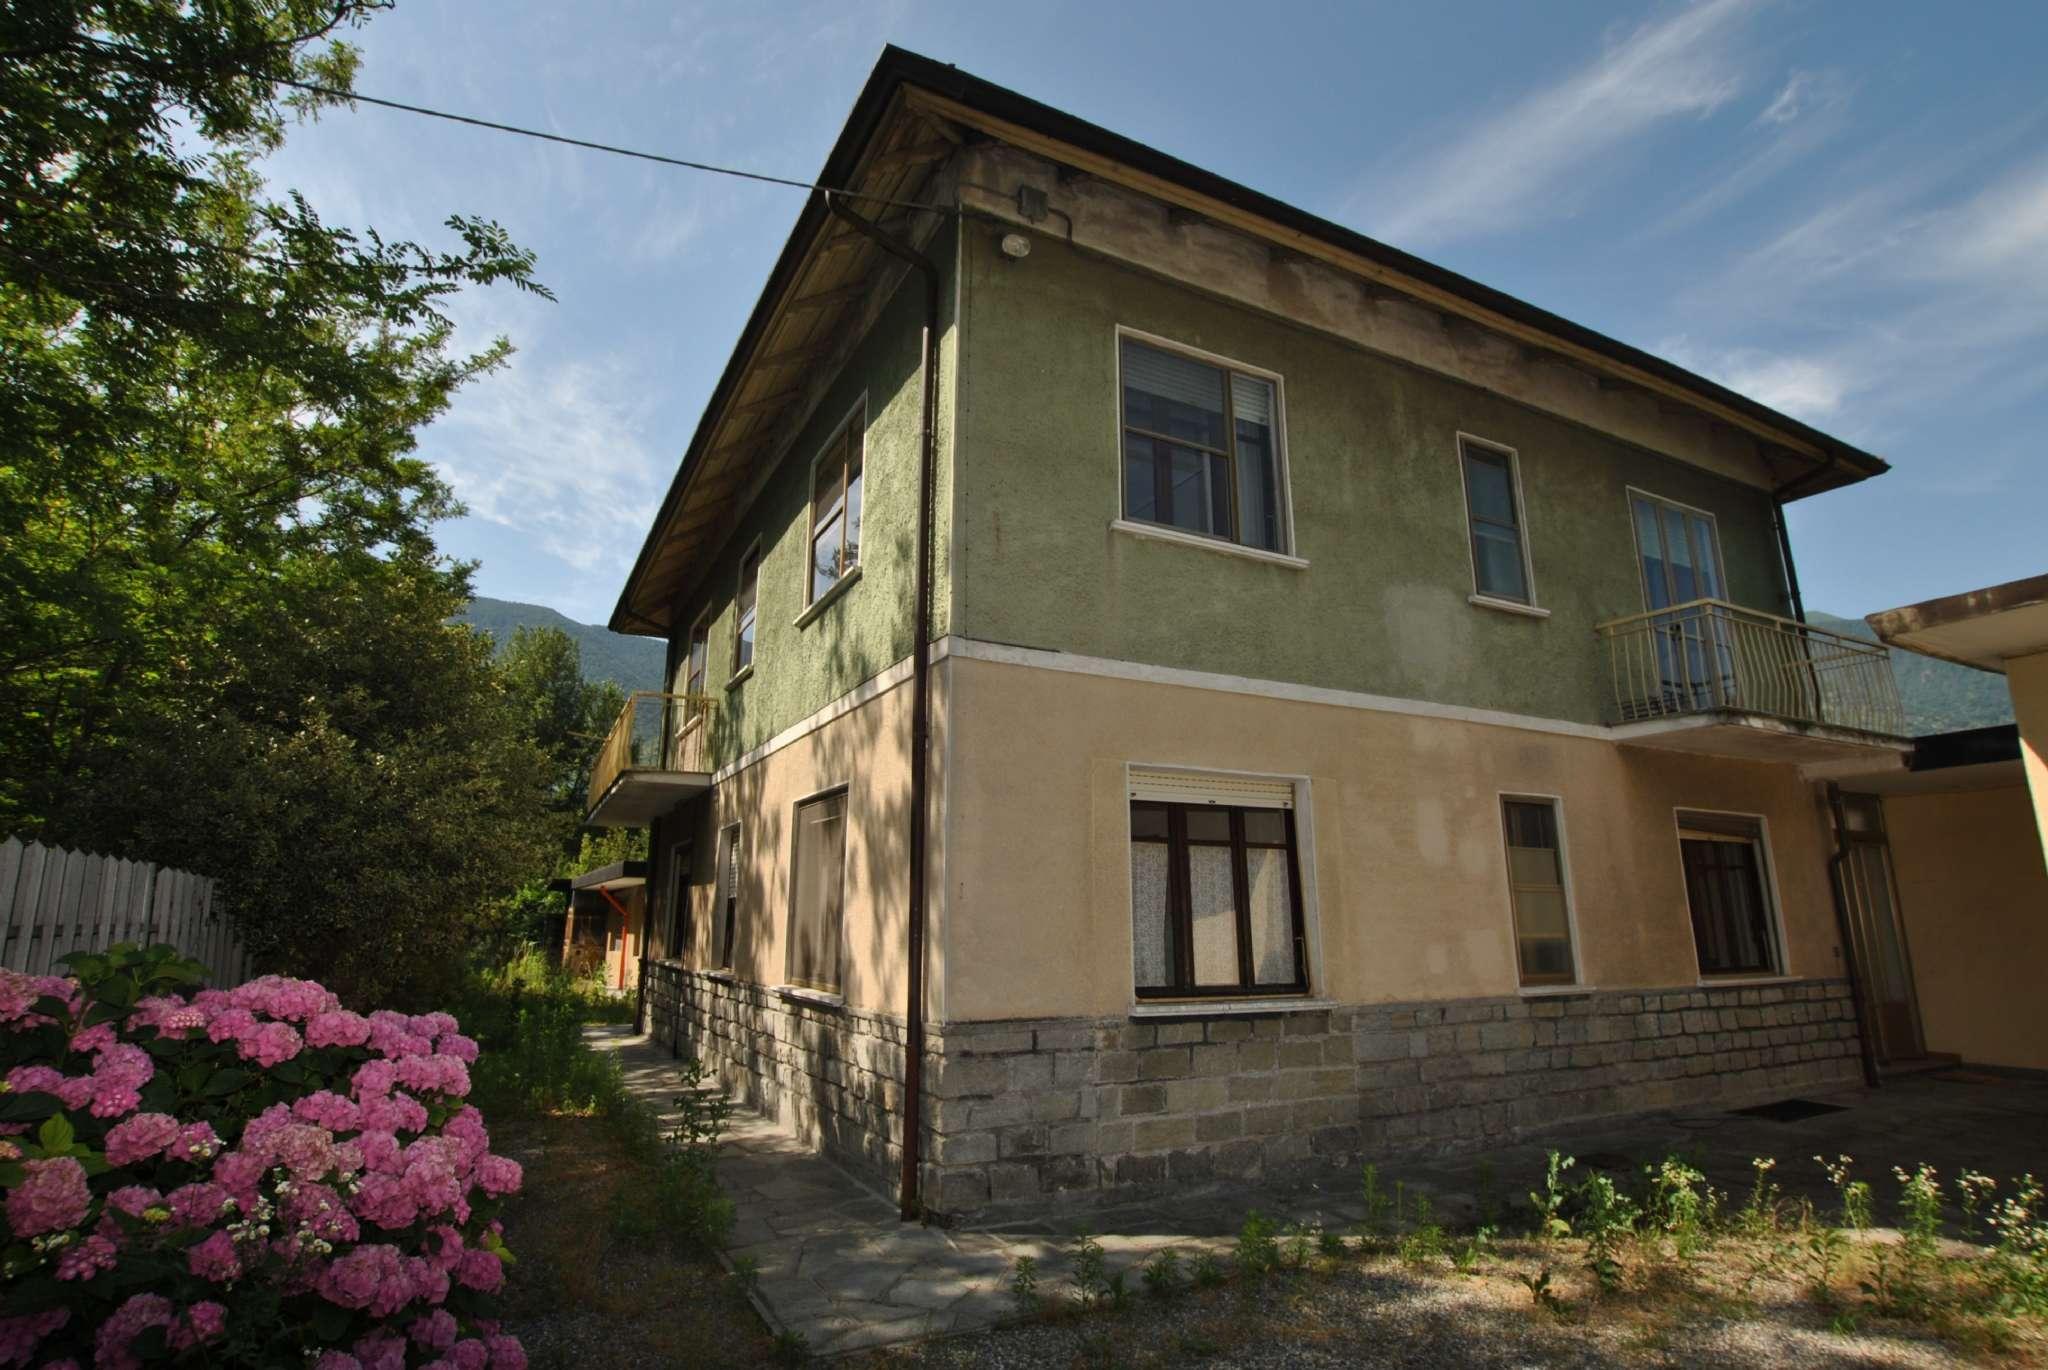 Soluzione Indipendente in vendita a Borgone Susa, 6 locali, prezzo € 180.000 | PortaleAgenzieImmobiliari.it